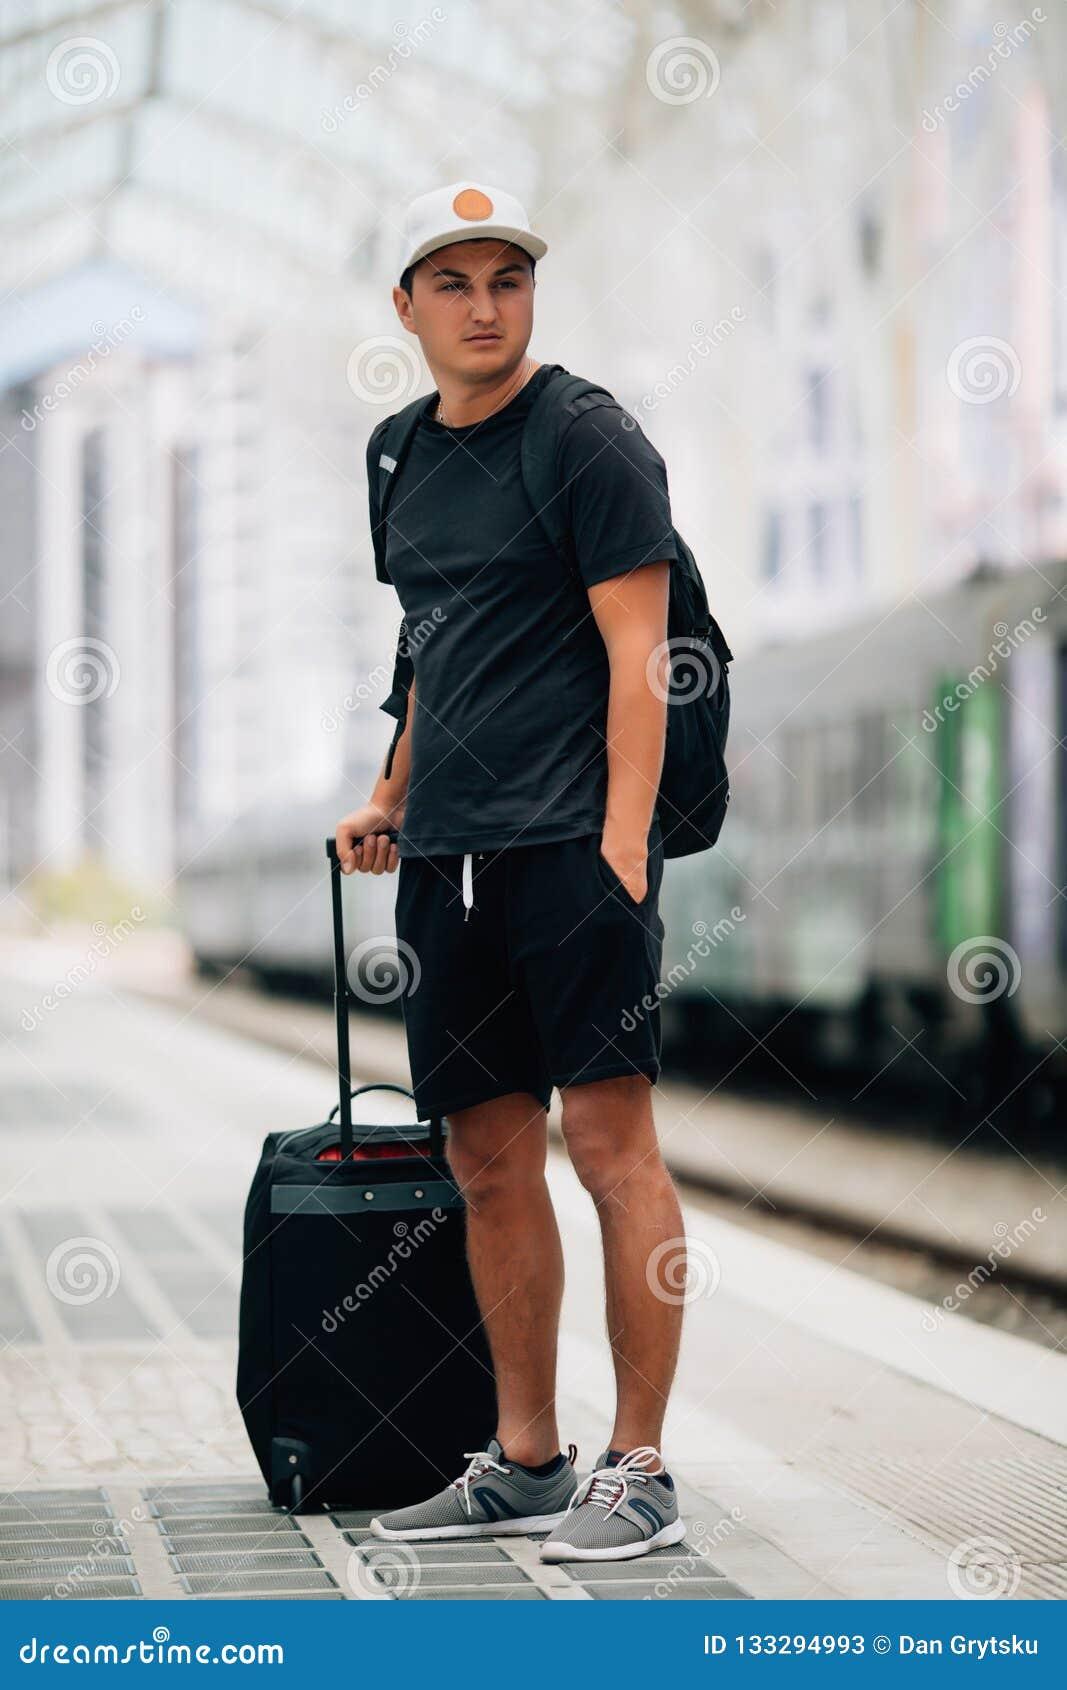 Αφήστε το ταξίδι να αρχίσει Ταξιδιώτης με την περιμένοντας μεταφορά βαλιτσών στο σιδηροδρομικό σταθμό αερολιμένων έτοιμος να ταξι